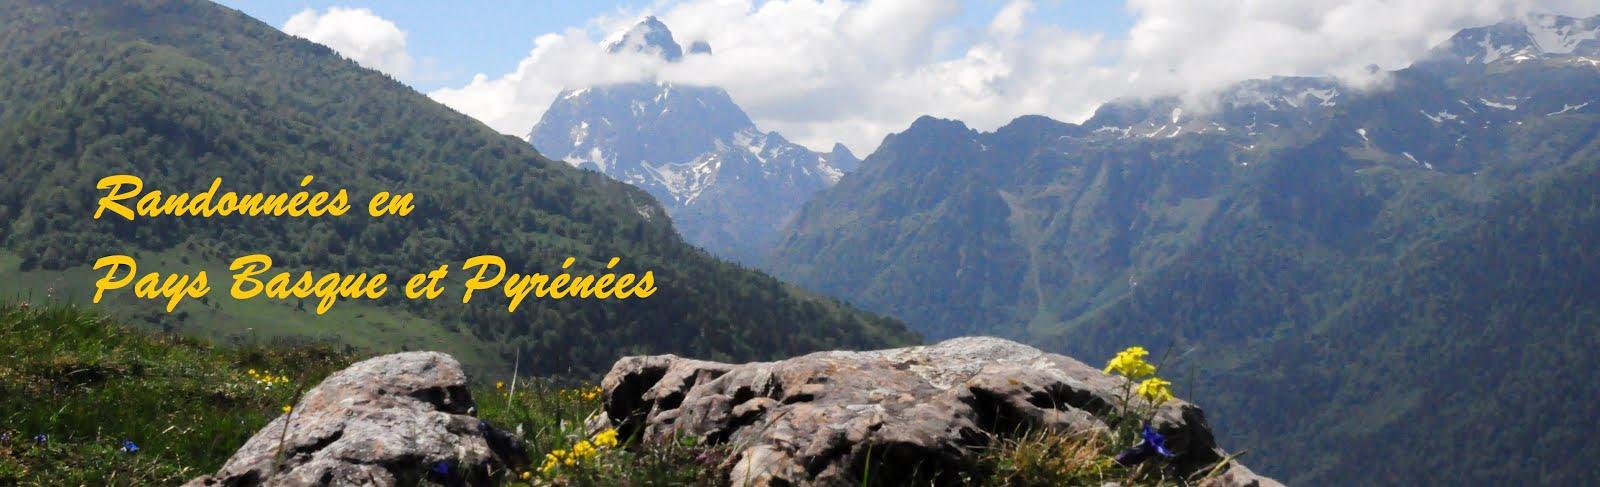 Randonnées en Pays Basque et Pyrénées